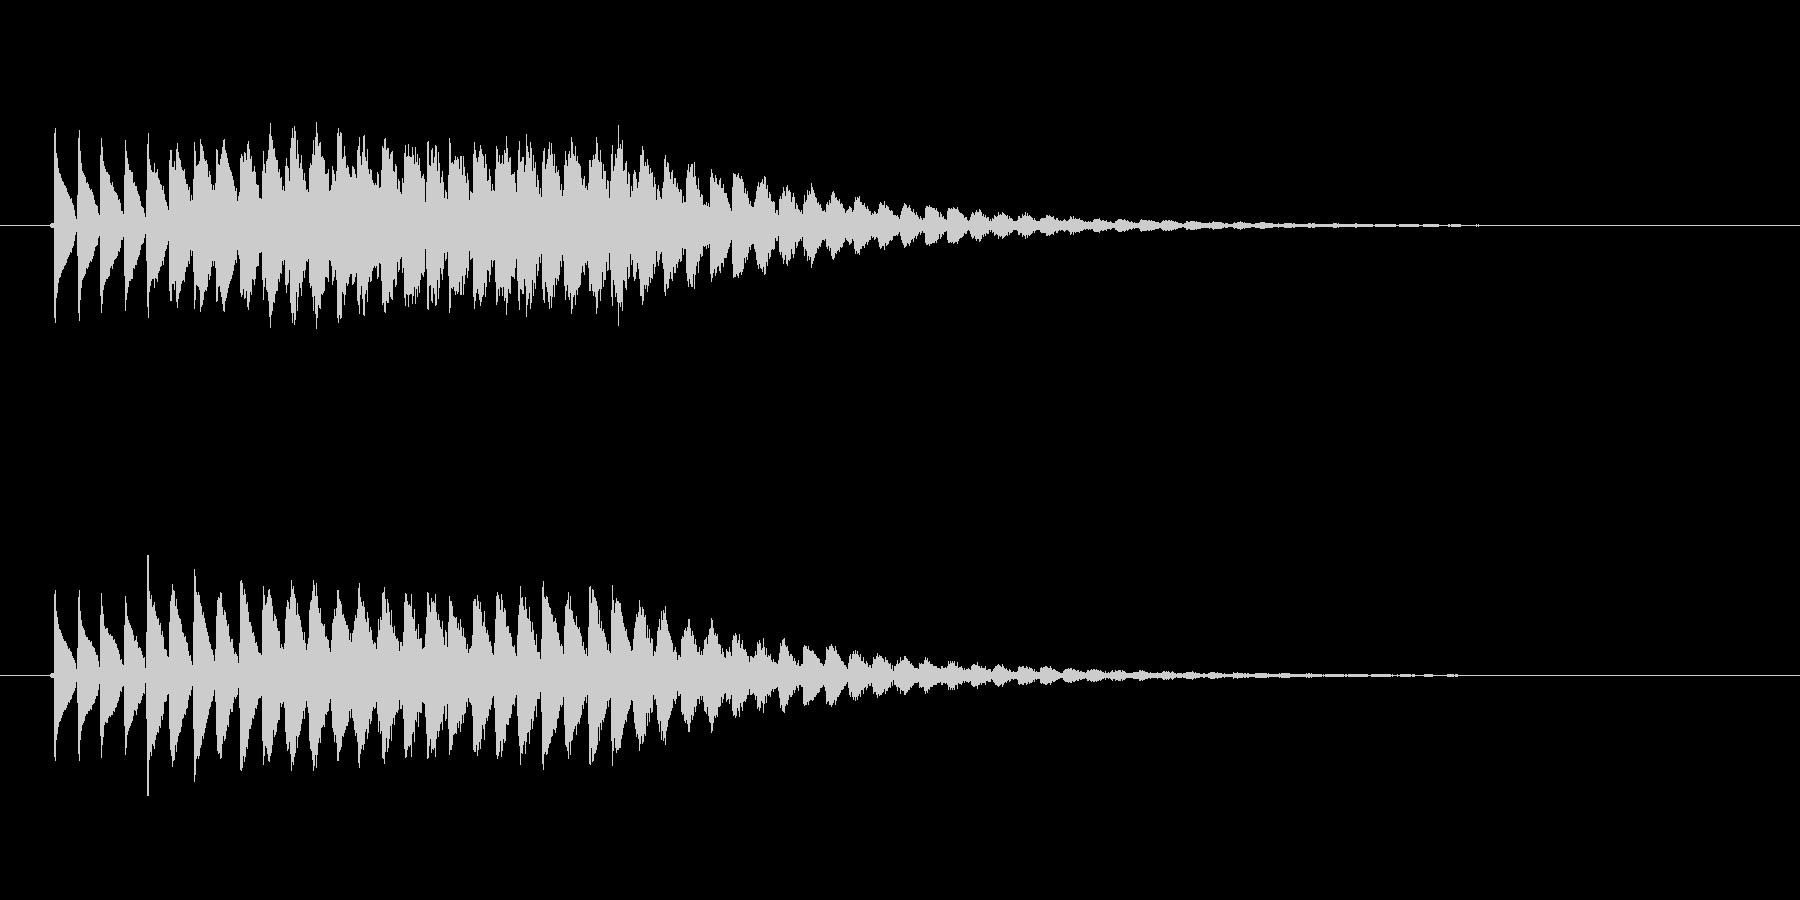 ピロロロロ(未来的な音)の未再生の波形